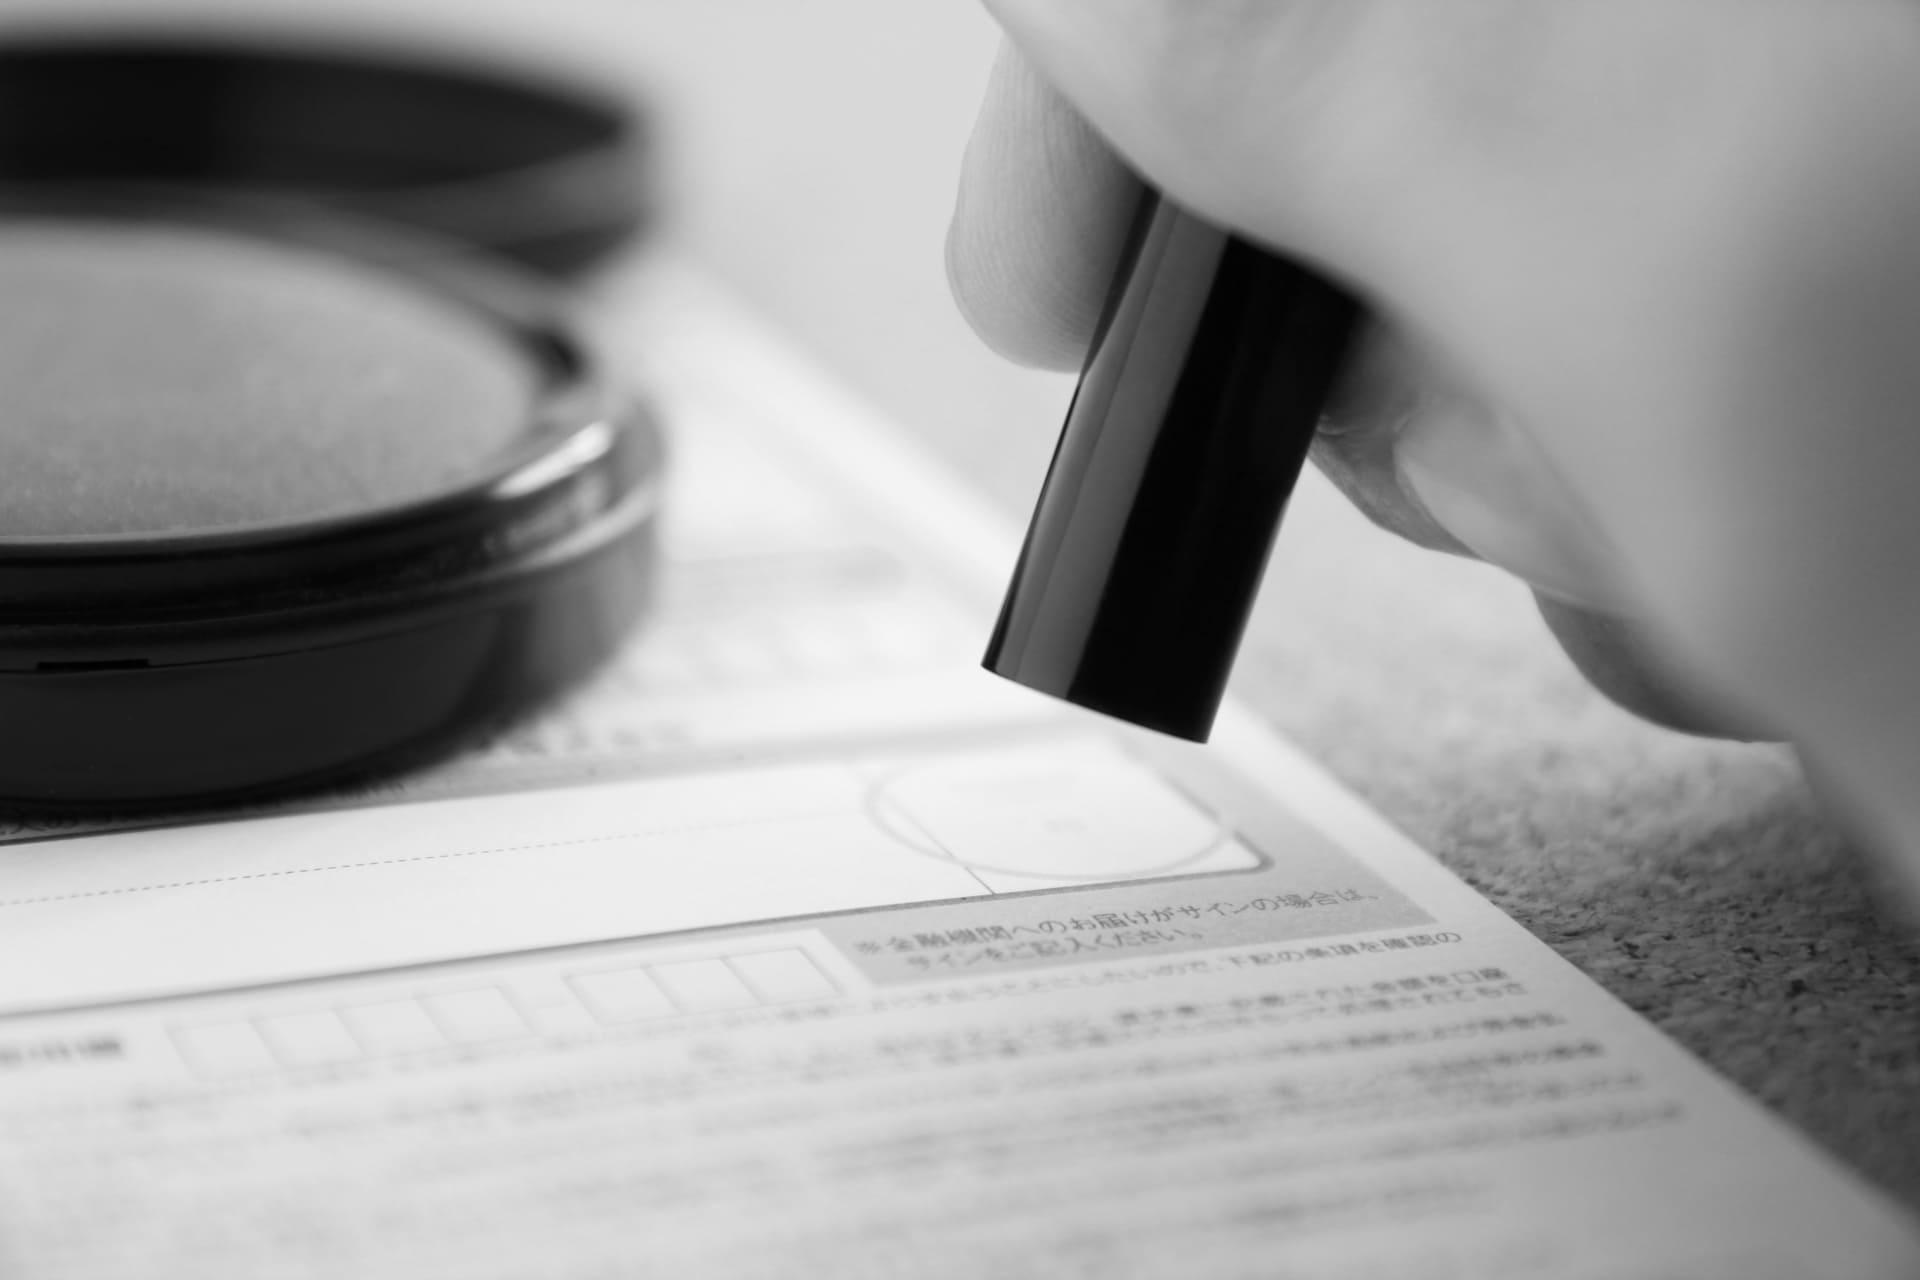 契約・解約・押印のイメージ